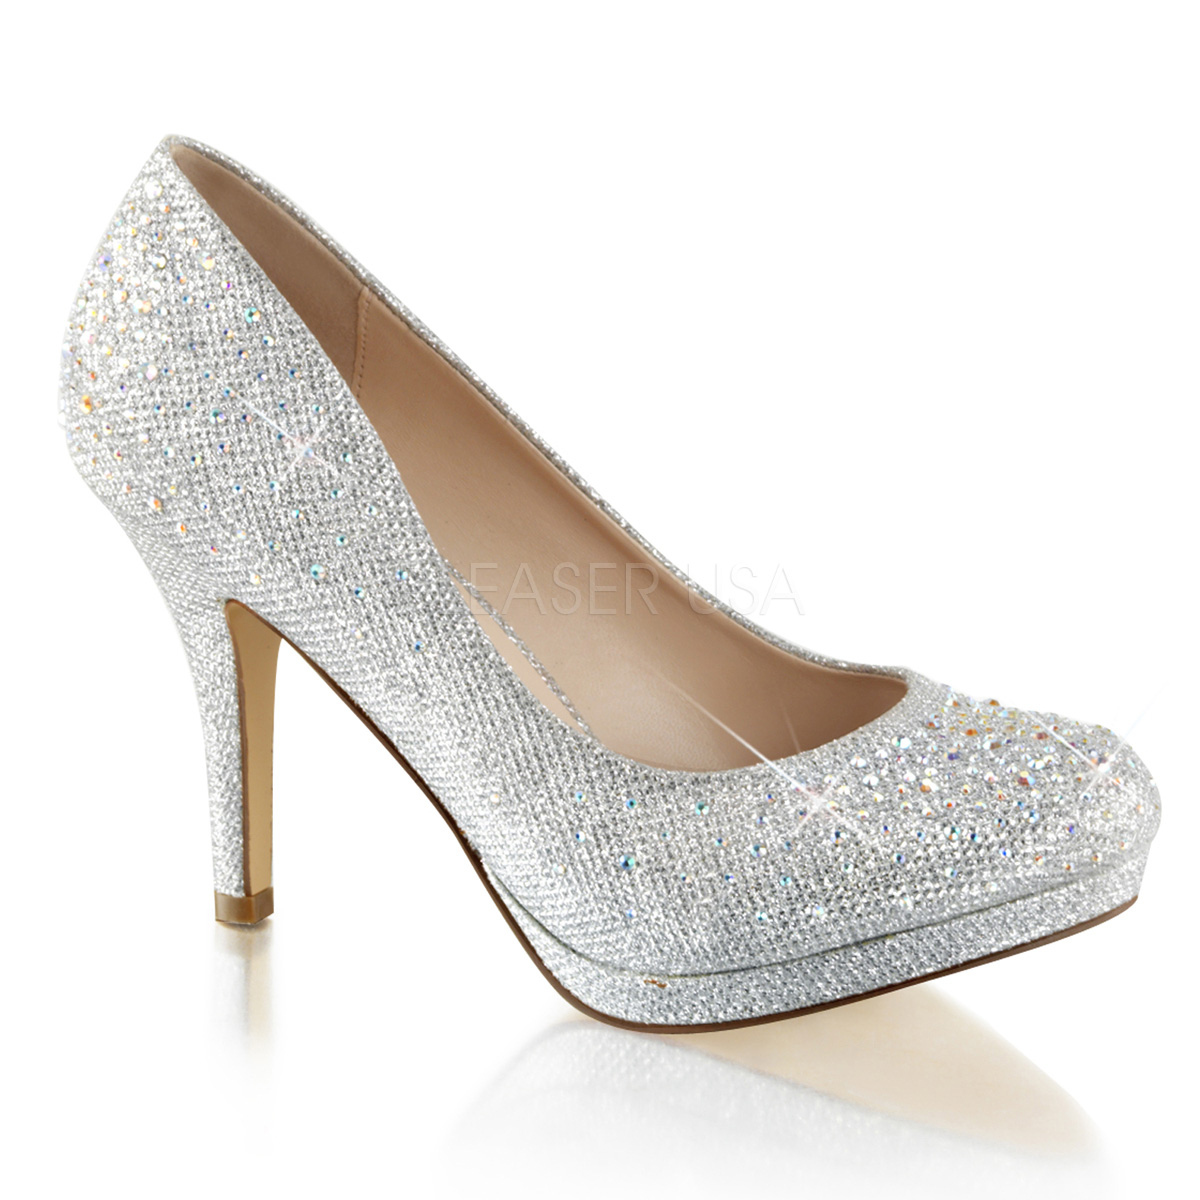 67d46fe4dbad Chaussures bout rond nouveautés en escarpins talon